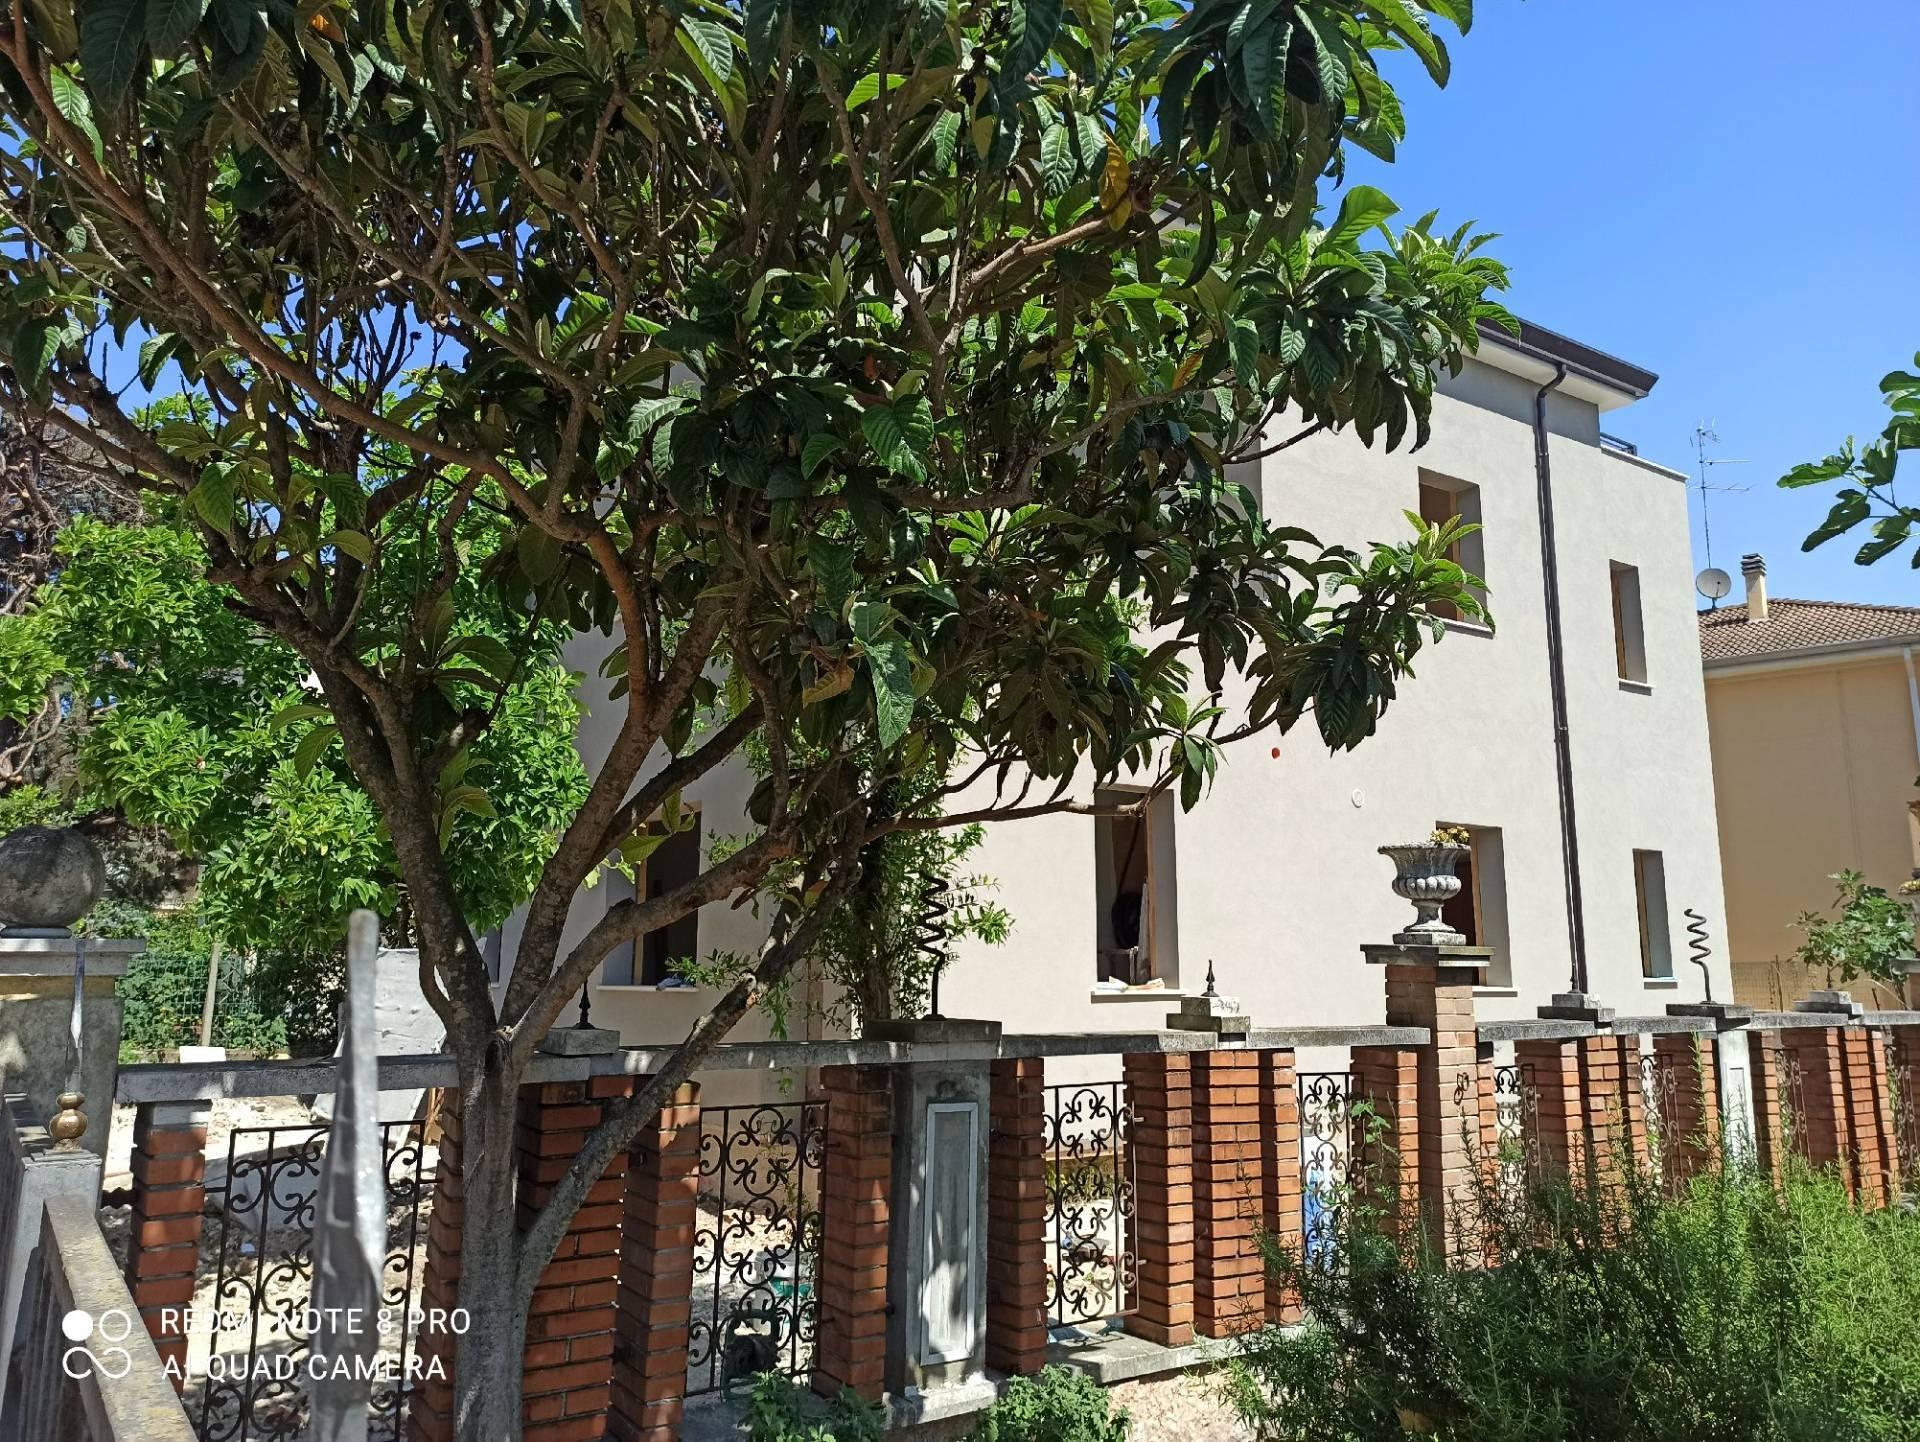 Attico / Mansarda in vendita a Mantova, 5 locali, zona Località: BorgoPompilio, prezzo € 190.000 | PortaleAgenzieImmobiliari.it